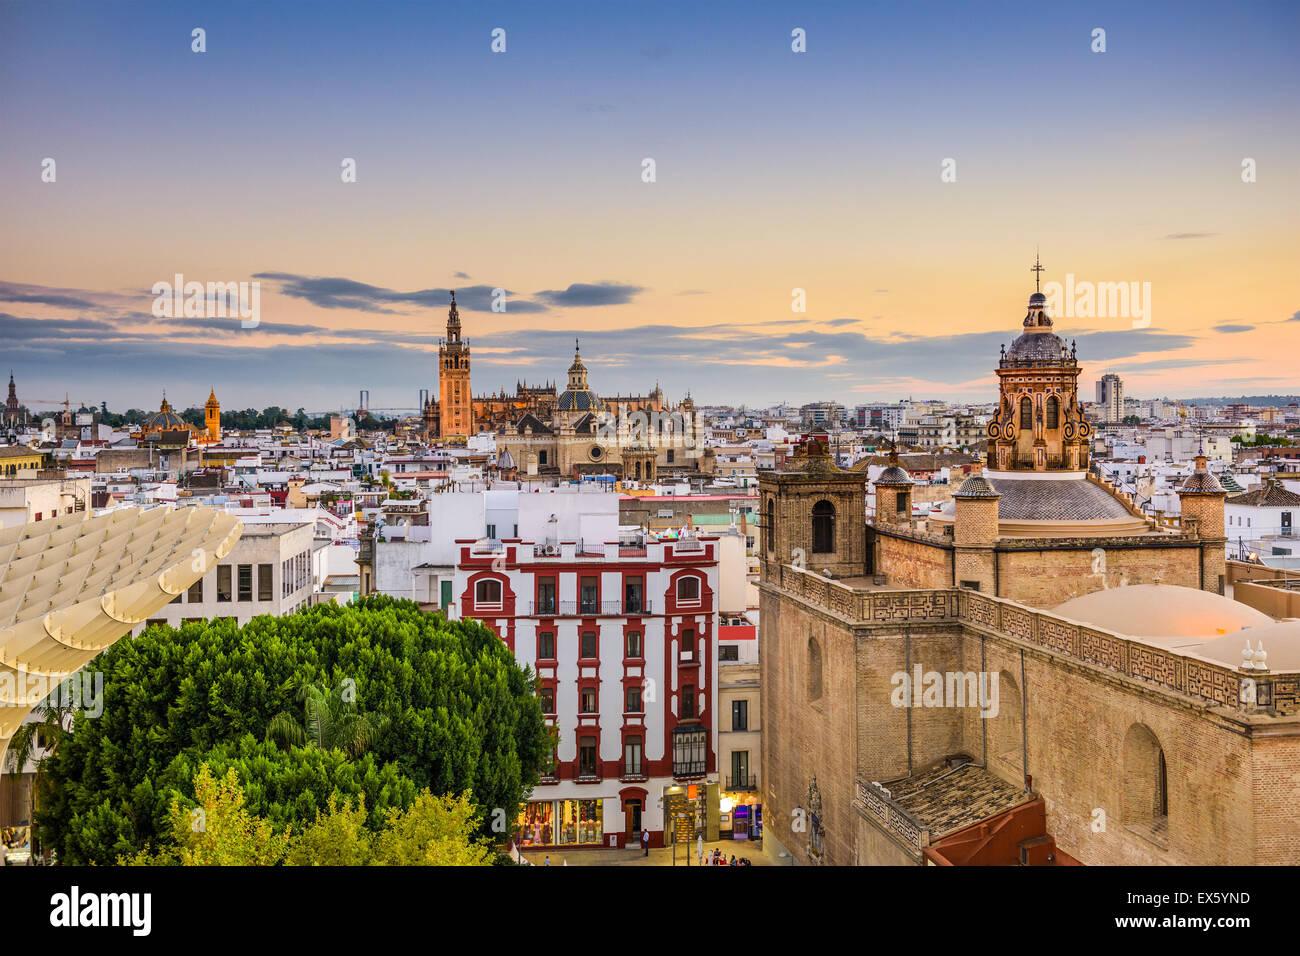 La vieille ville de Séville, en Espagne. Photo Stock